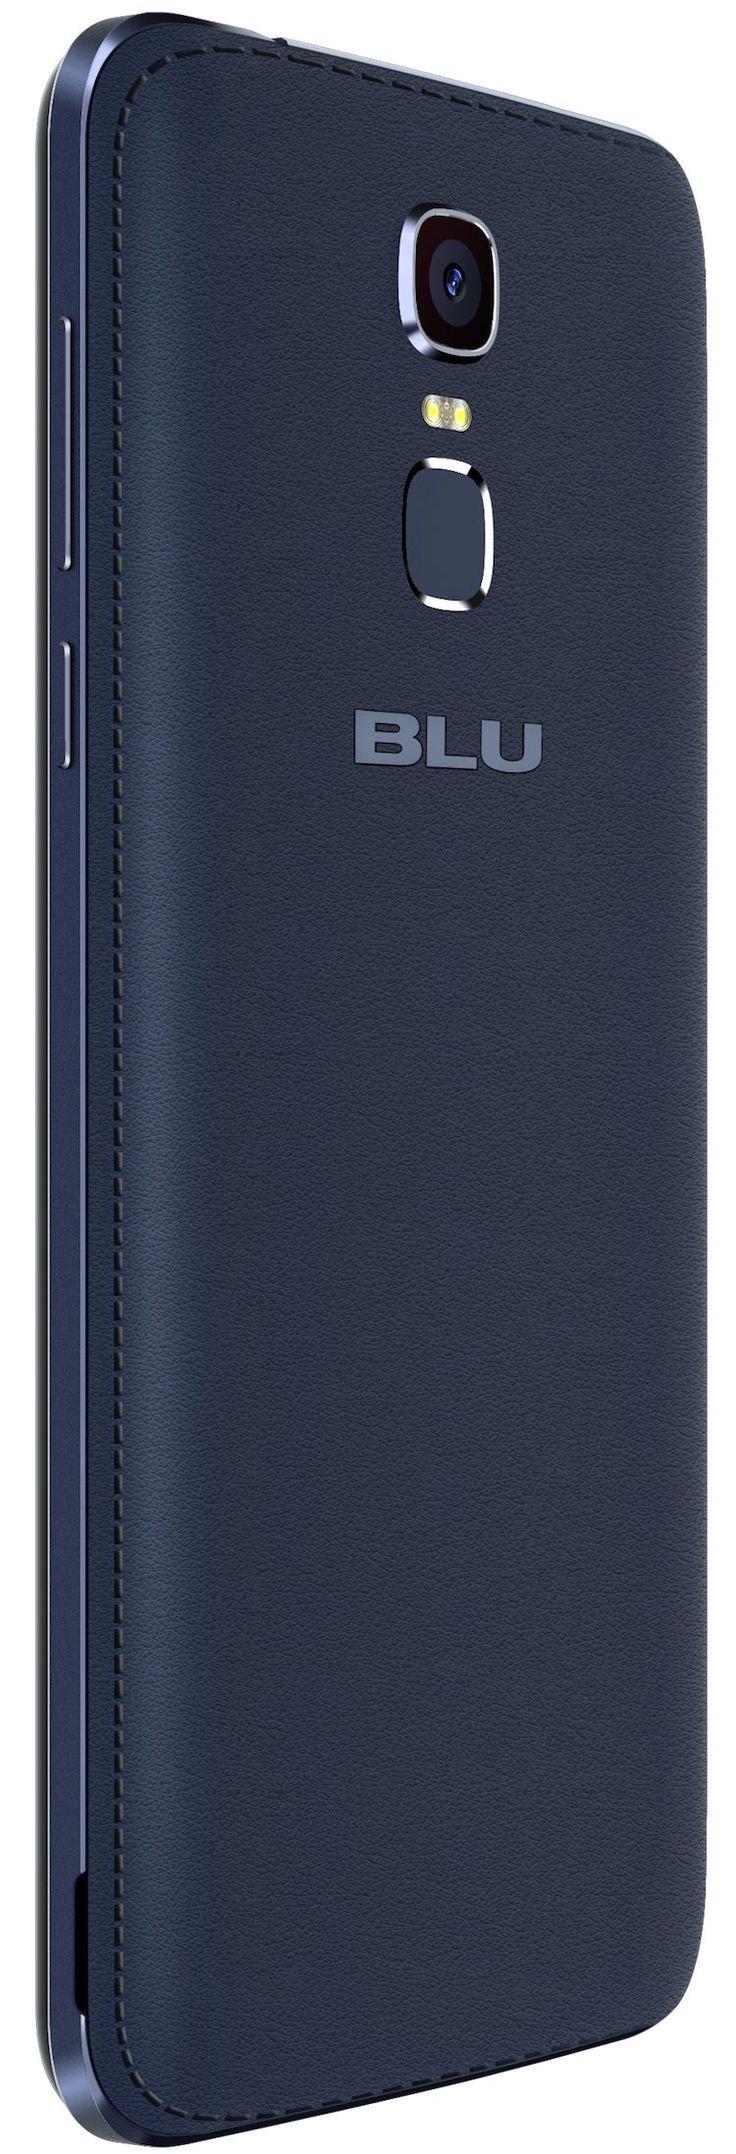 lifemax-blu BLU lanza 3 nuevos smartphones en Chile con baterías de extra duración